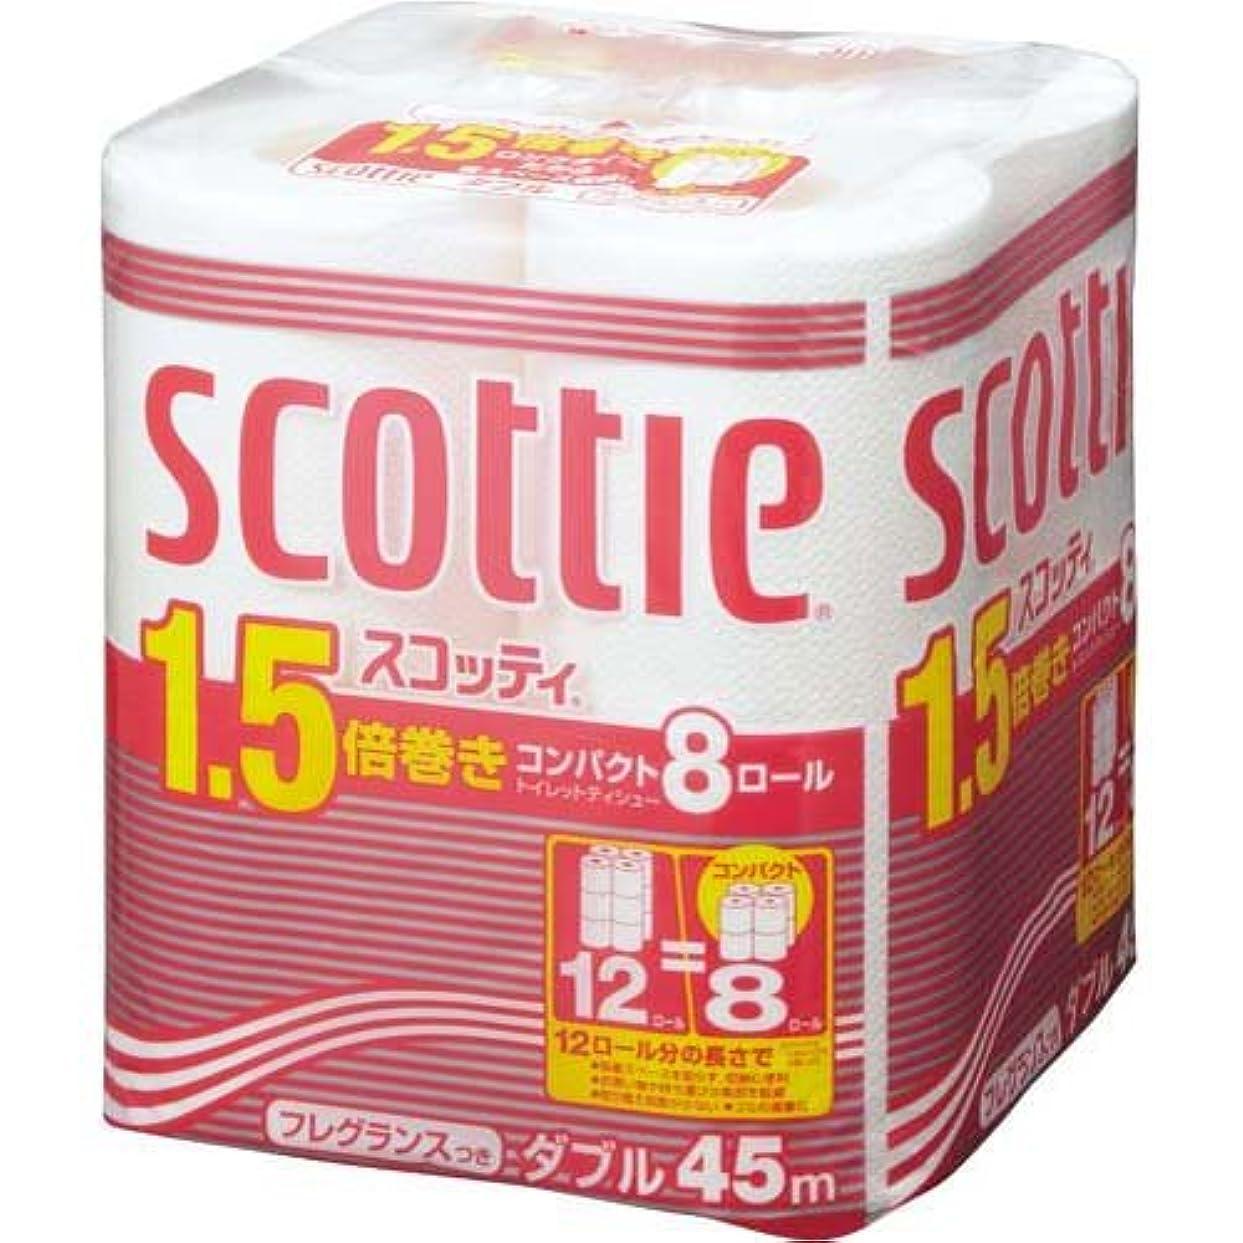 出版浸した雲日本製紙 クレシア スコッティコンパクト ダブル45m 8個入×4